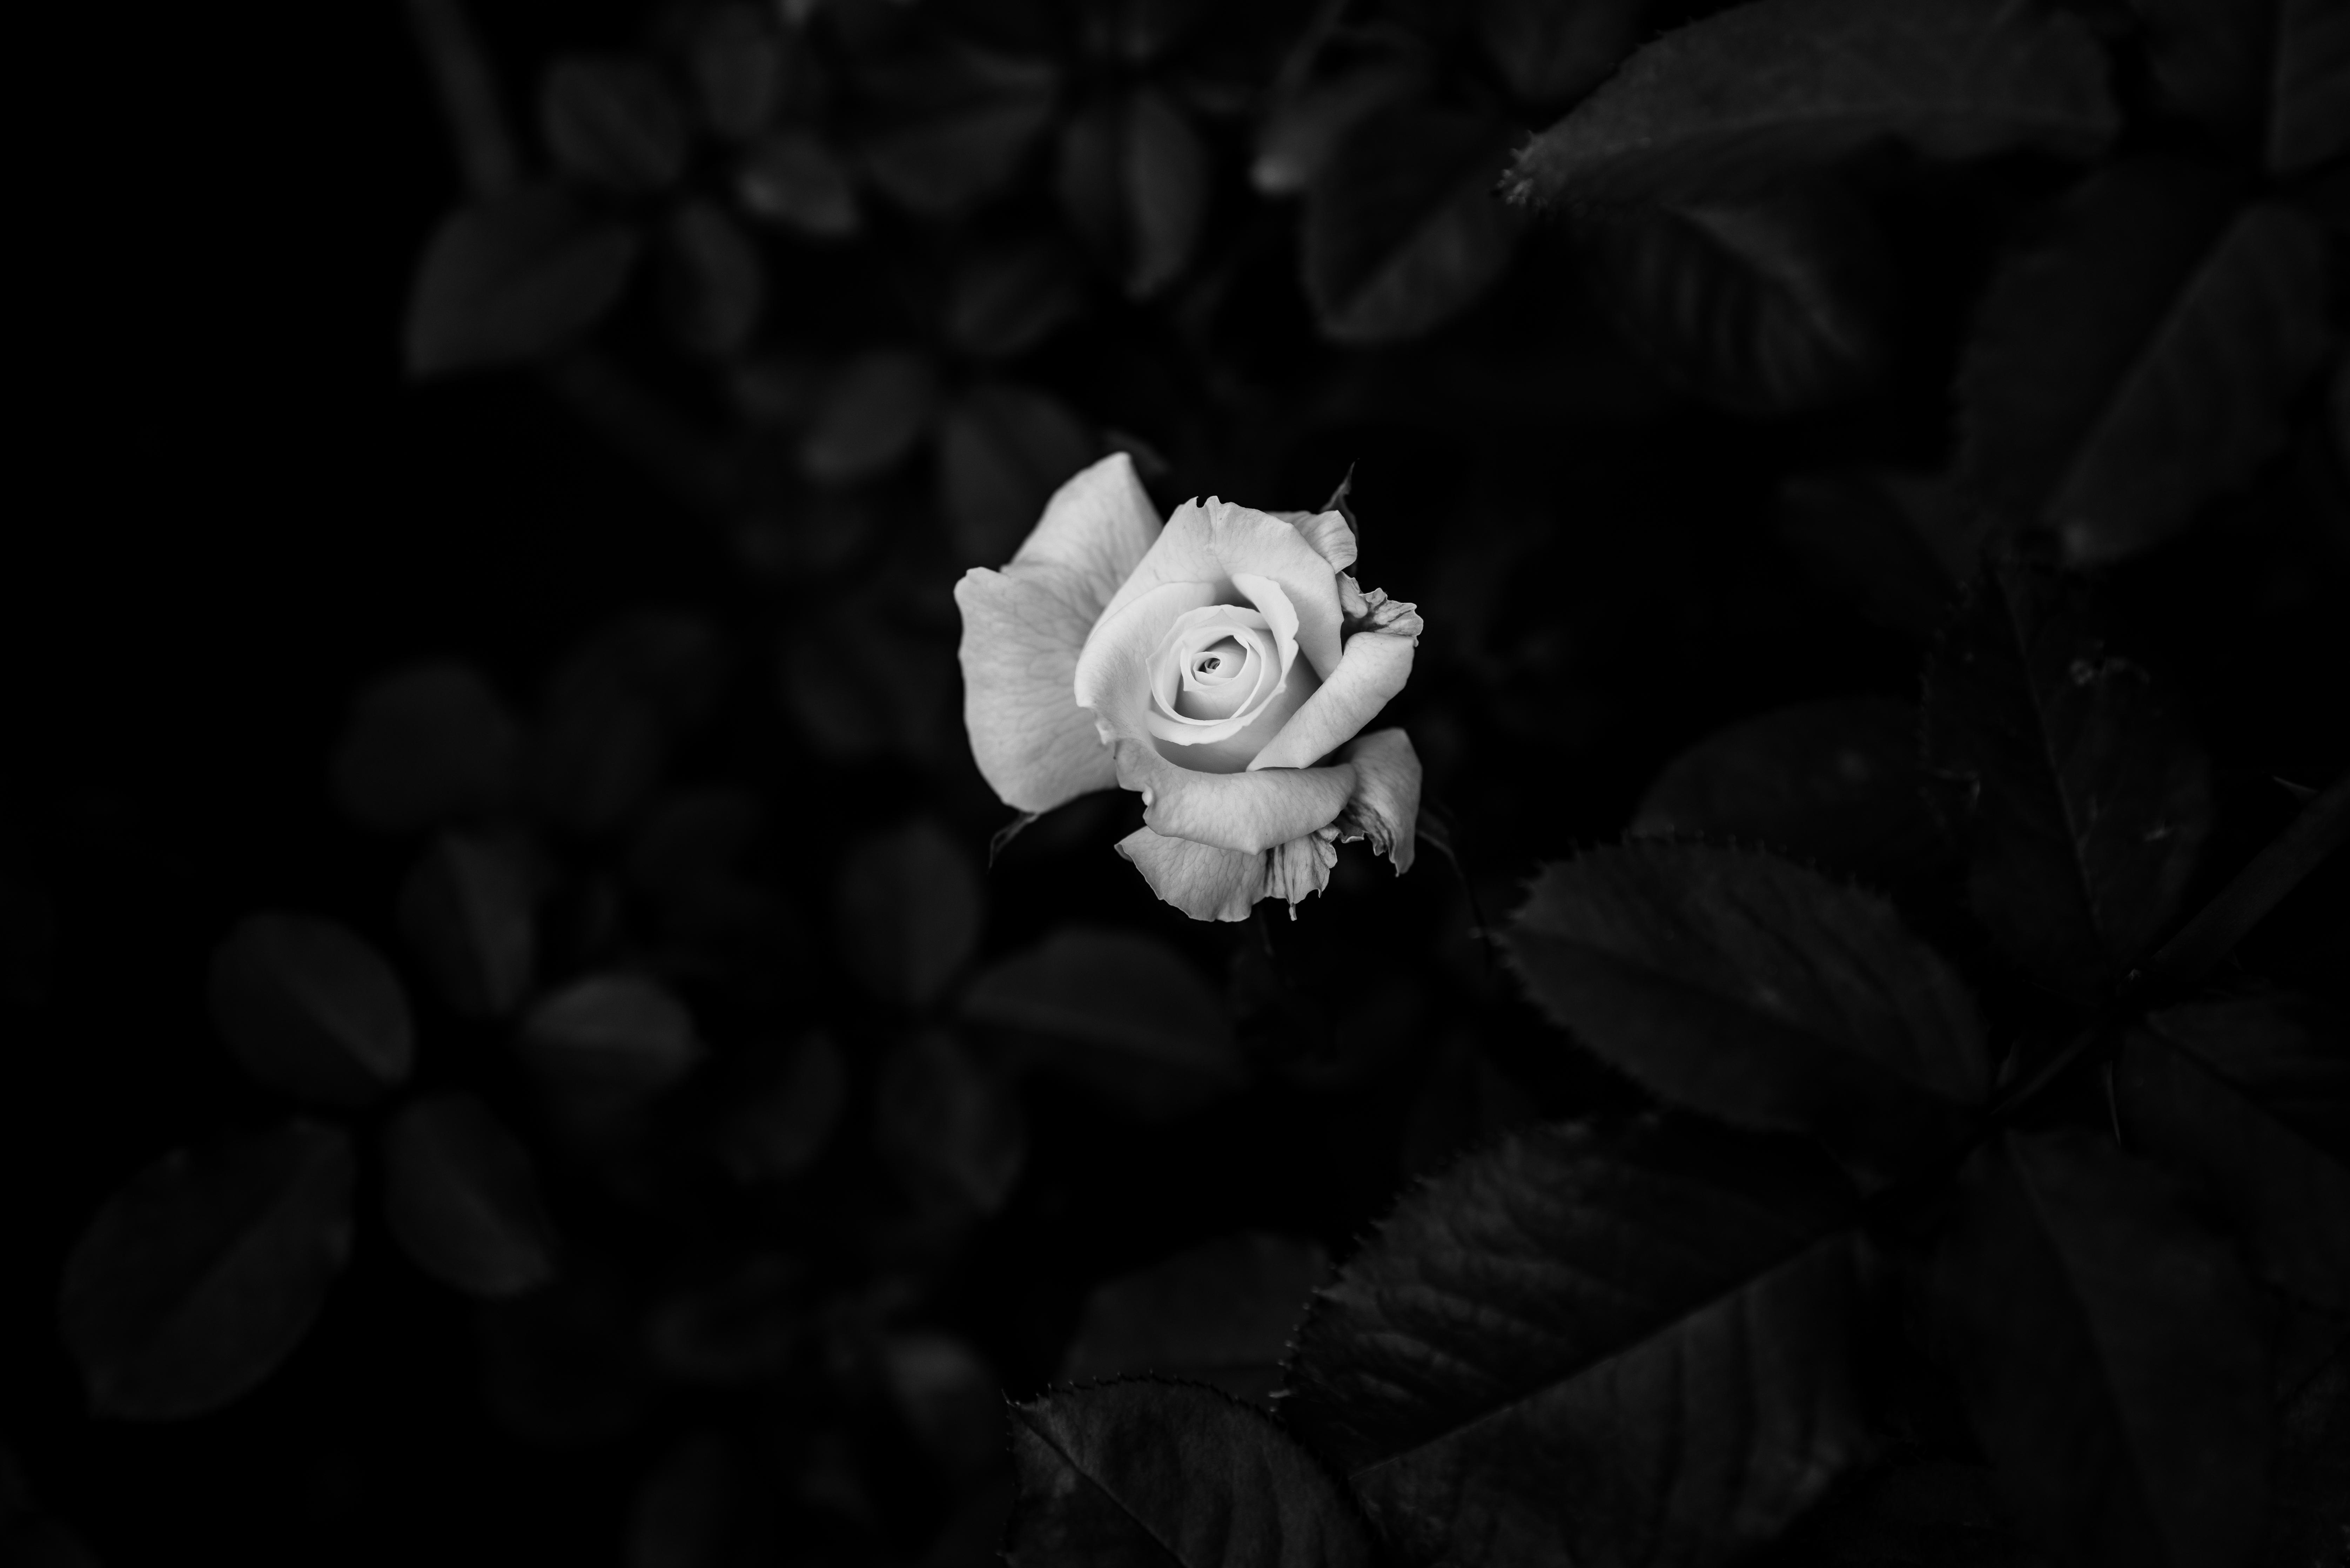 104092 скачать обои Цветок, Цветы, Роза, Чб - заставки и картинки бесплатно